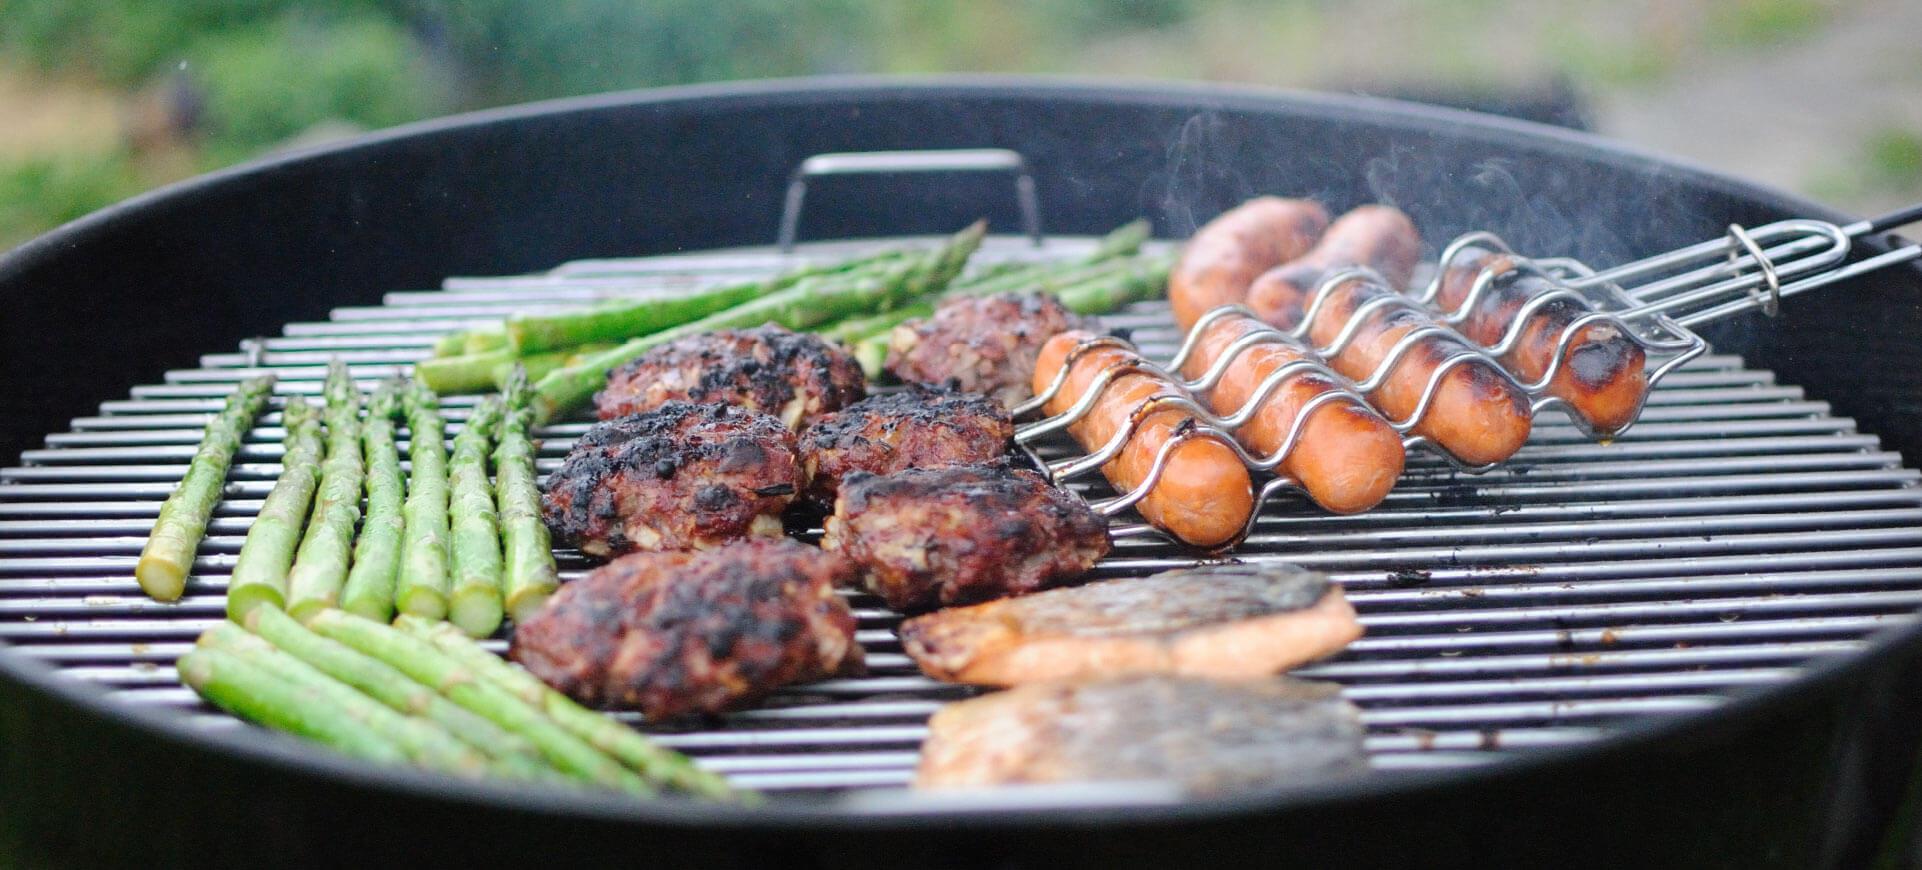 Gemüse und Fleisch werden auf Grill gegrillt